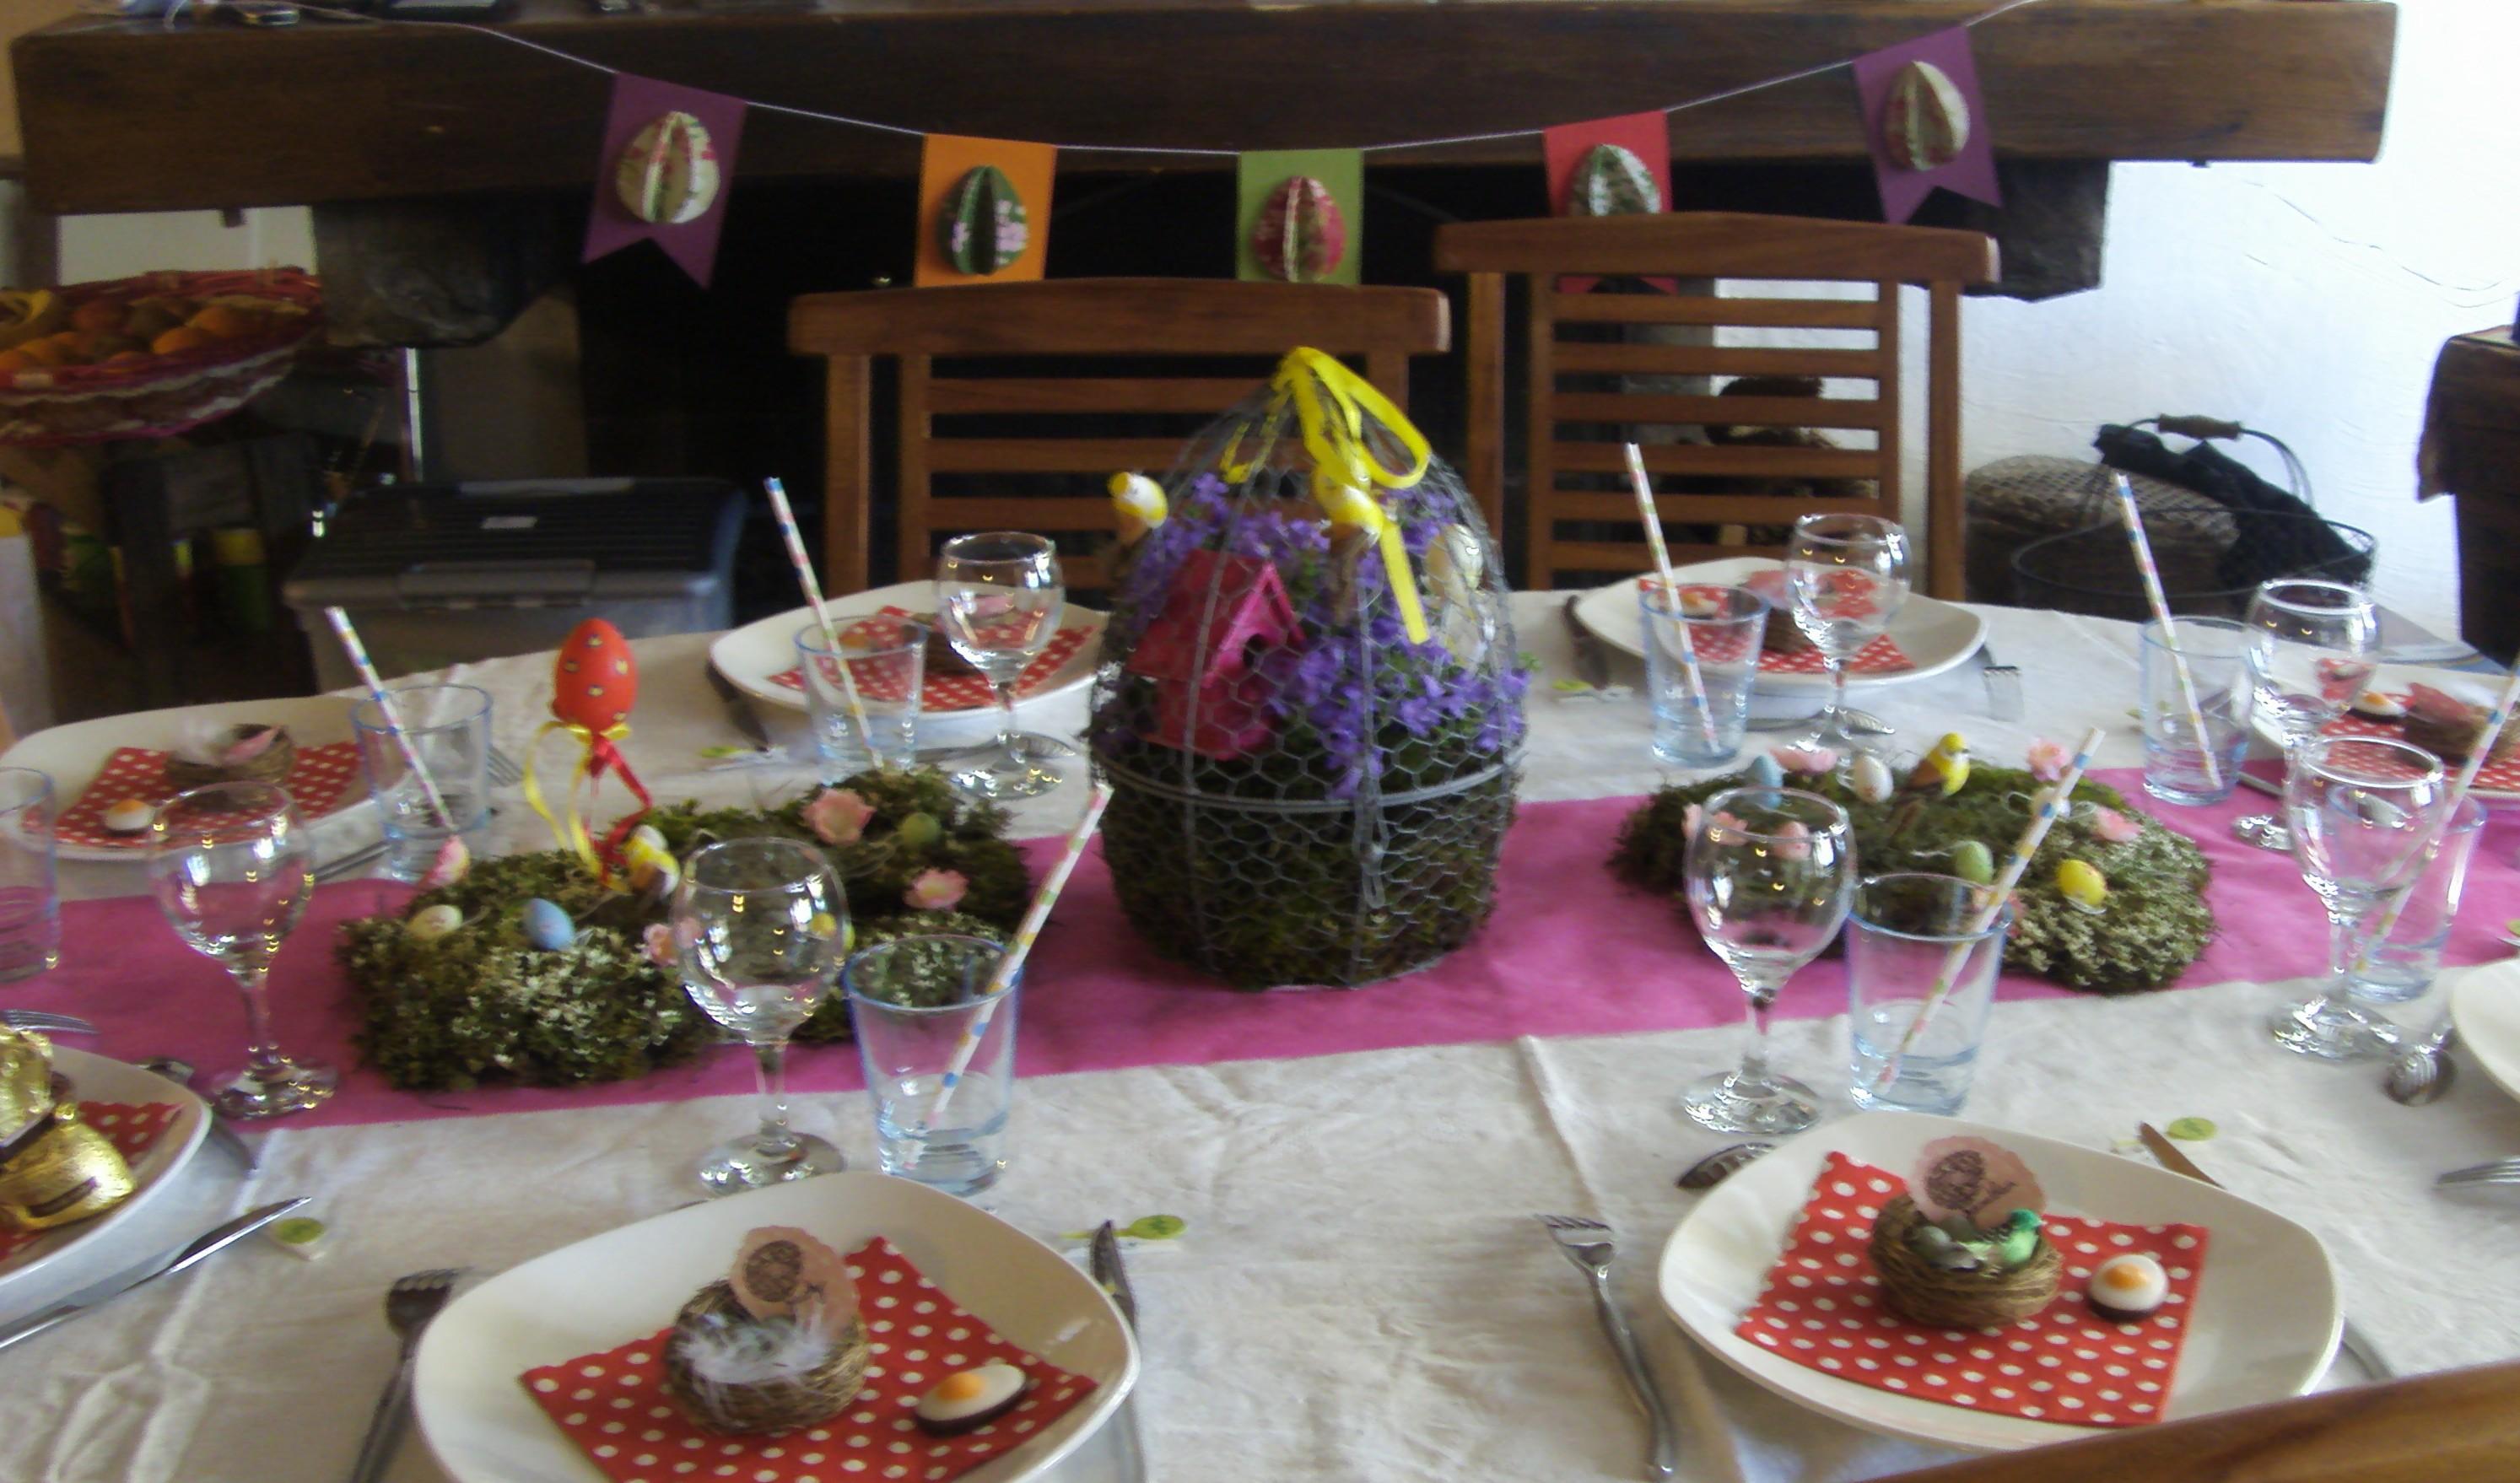 décoration de table thème paques #3